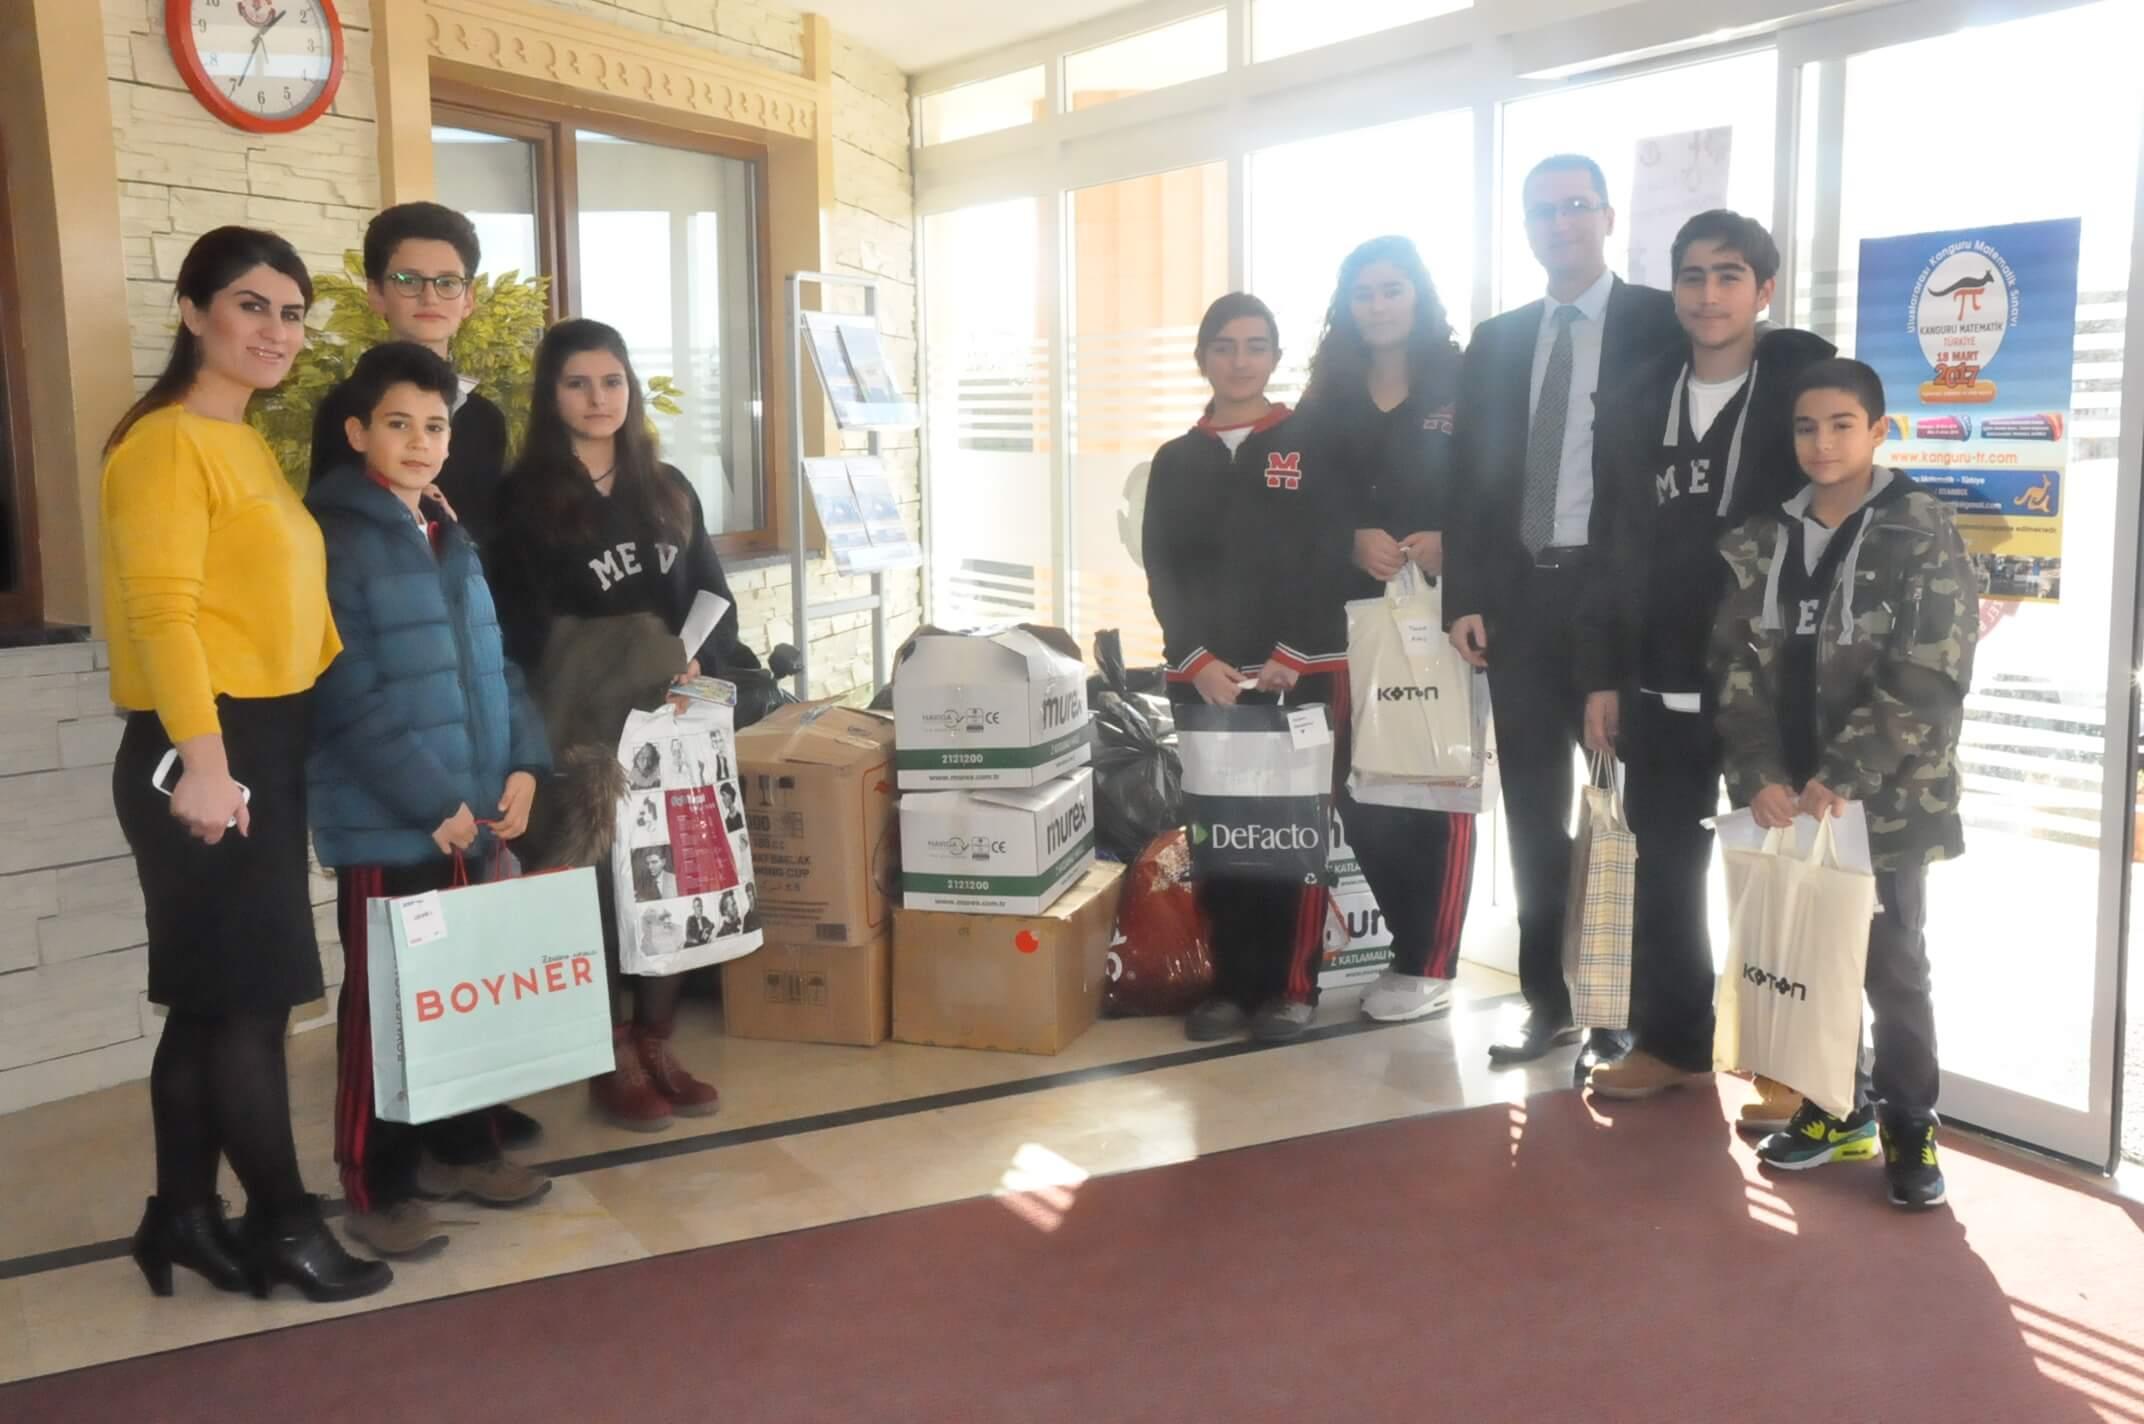 """Engelliler Haftasında ''Sevgini Paylaş Bir İnsanı Mutlu Et"""" Temalı Sosyal Sorumluluk Projesi Gerçekleştirildi"""